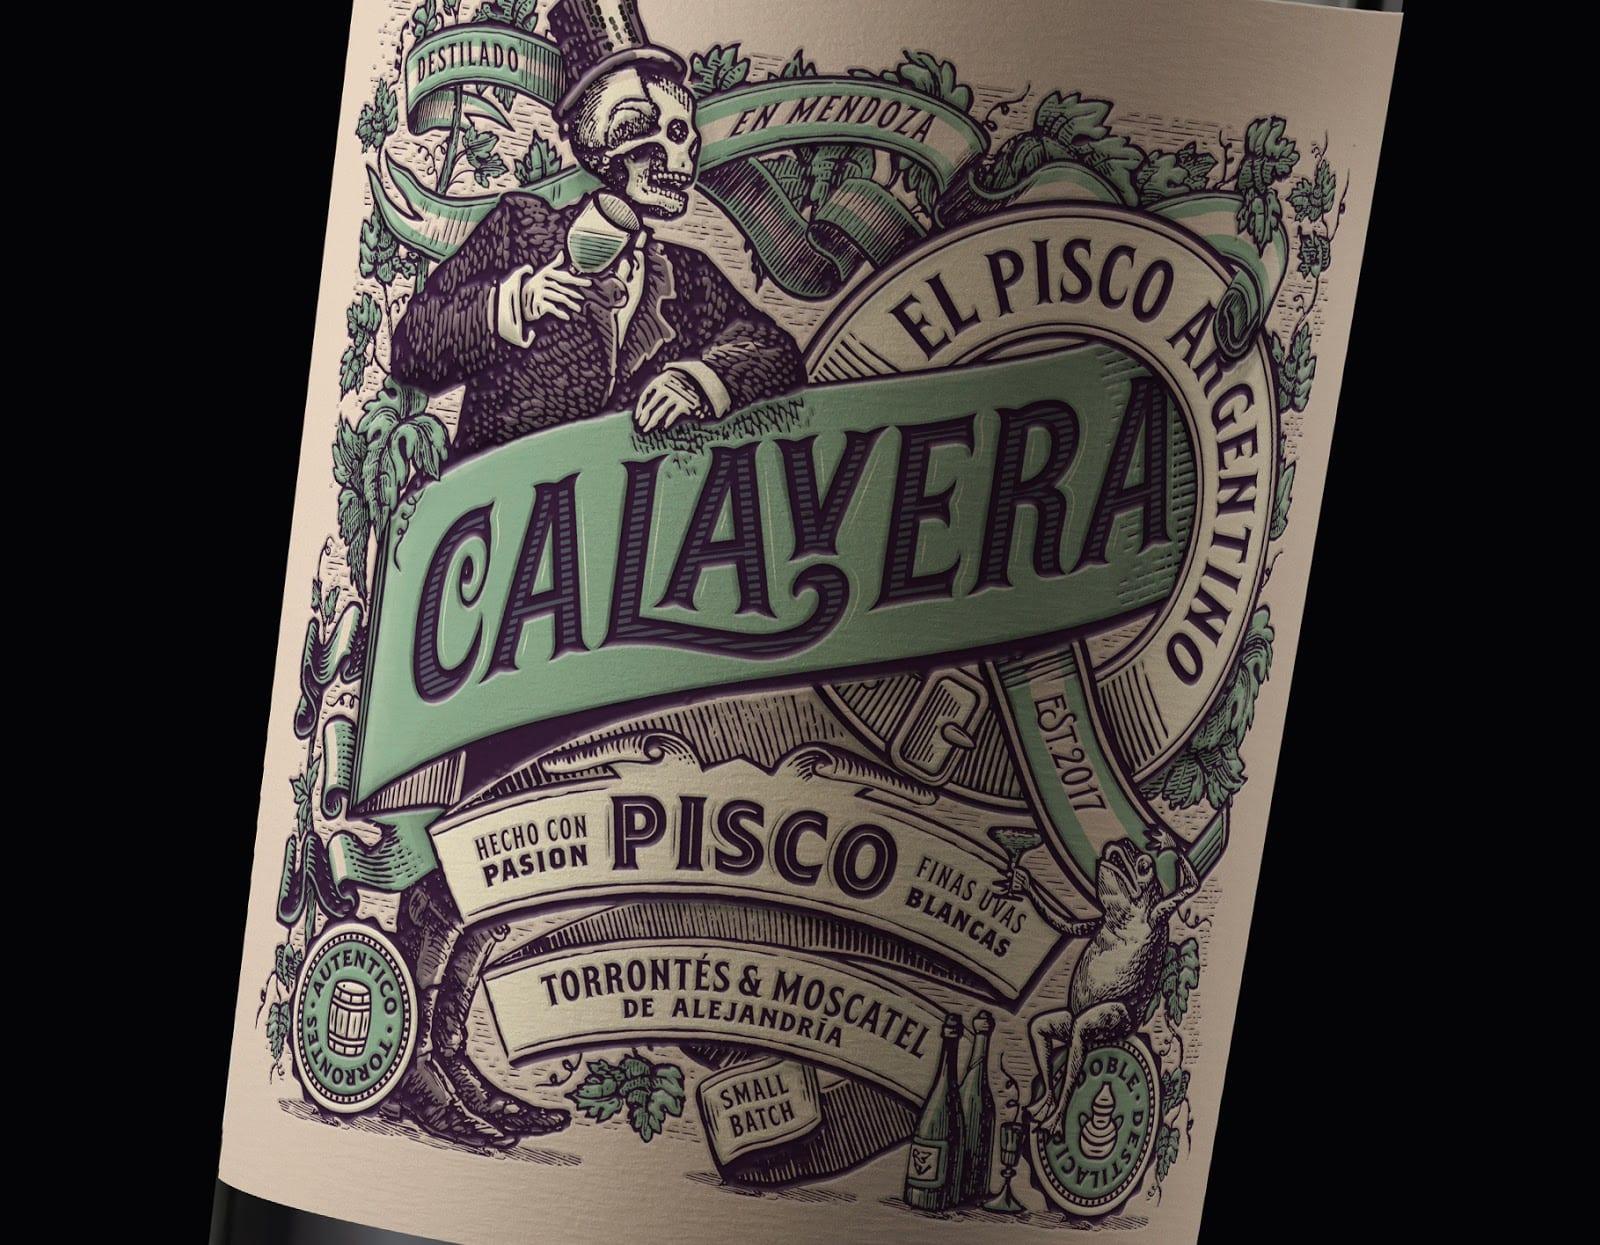 Calavera 2 - Ach, tie obaly – Calavera